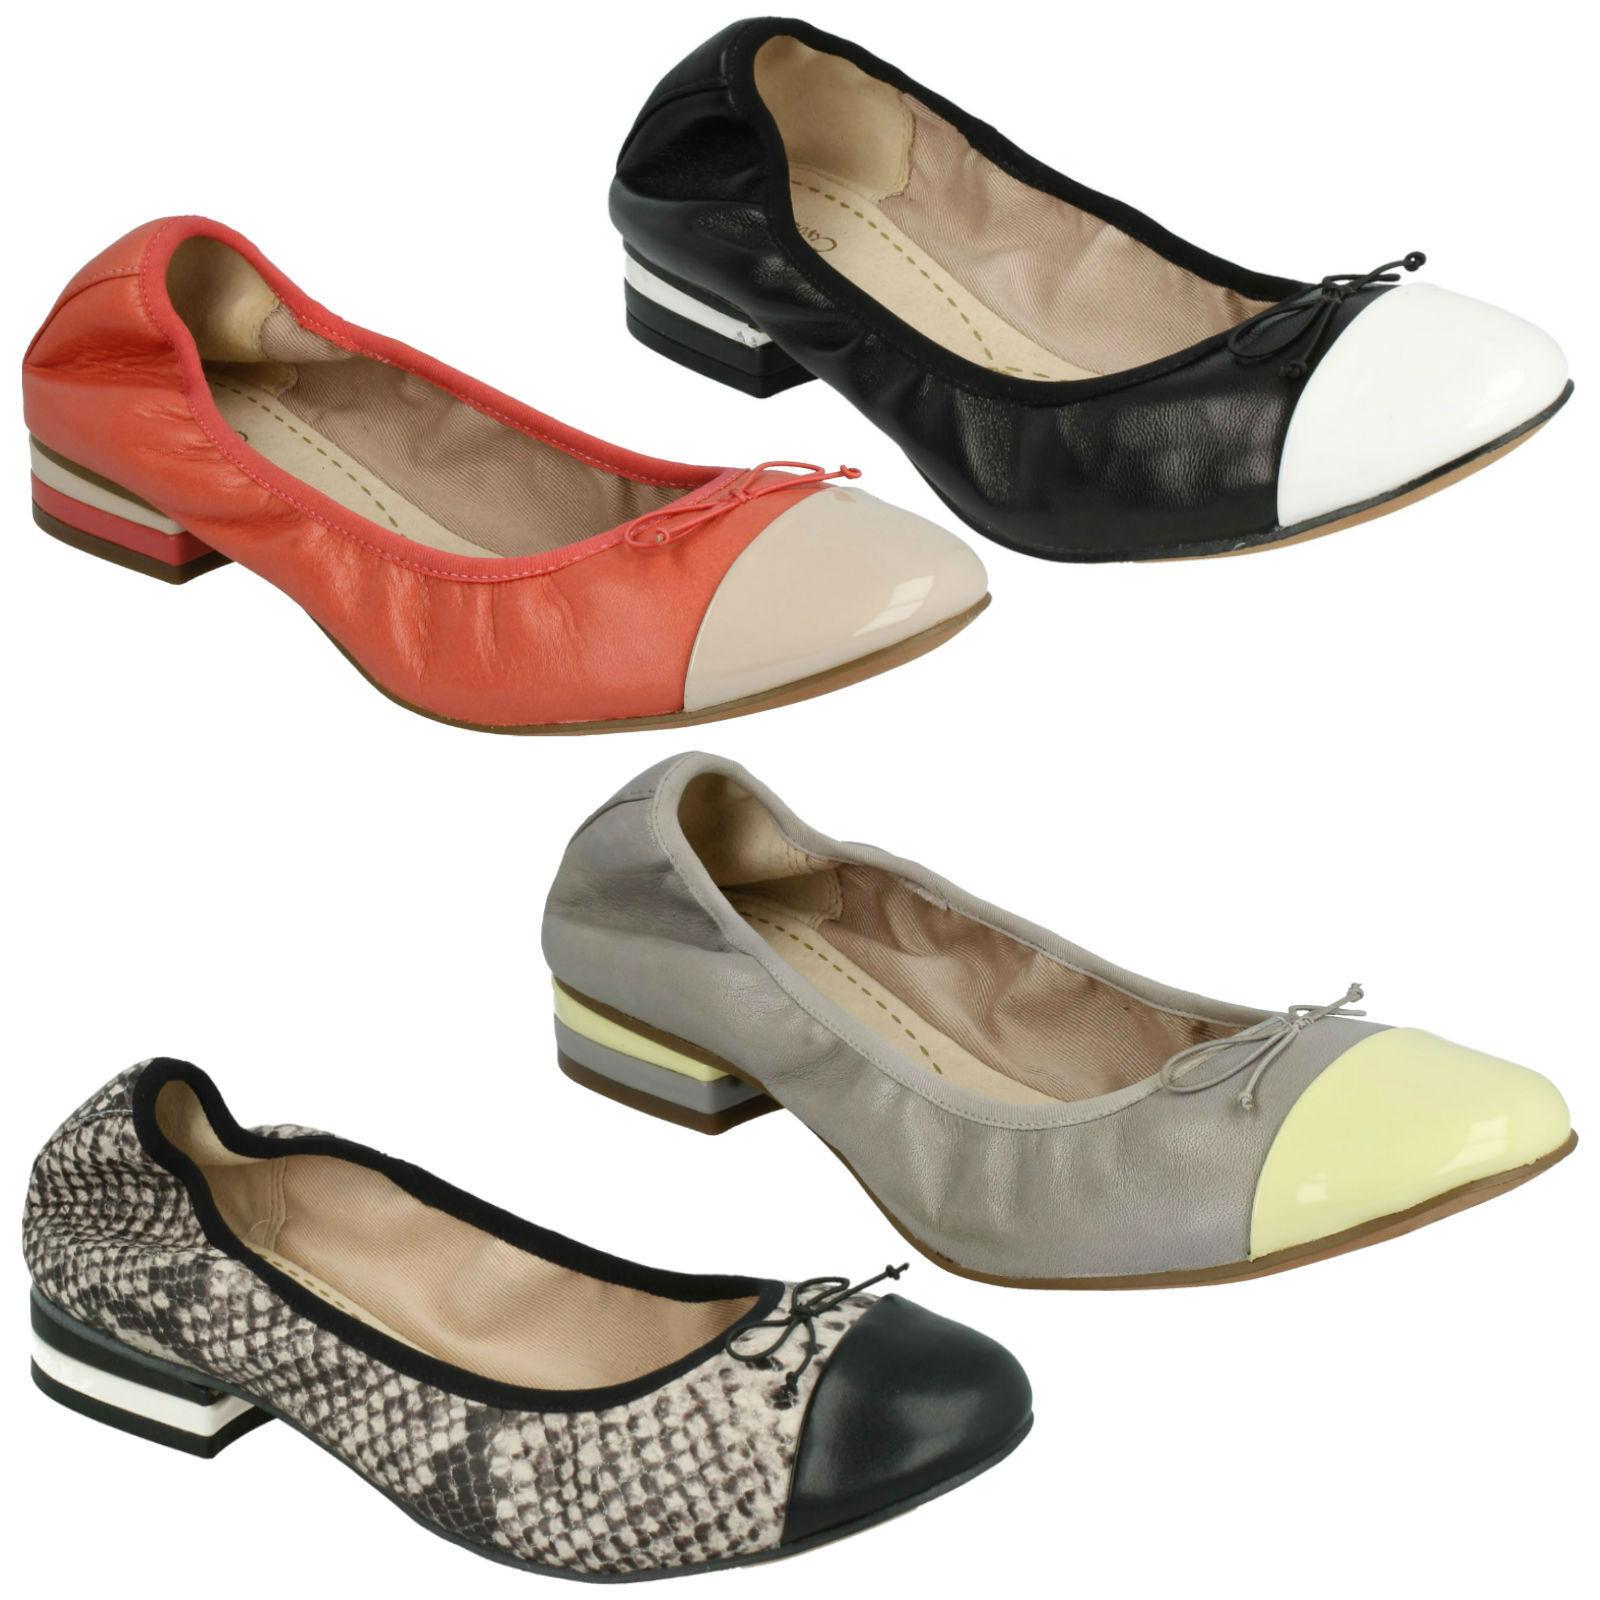 Venta Venta Venta tonta vendedora Dress Damas Clarks Cuero Slip On Arco Puntera Pump Zapatos caben D  Envíos y devoluciones gratis.